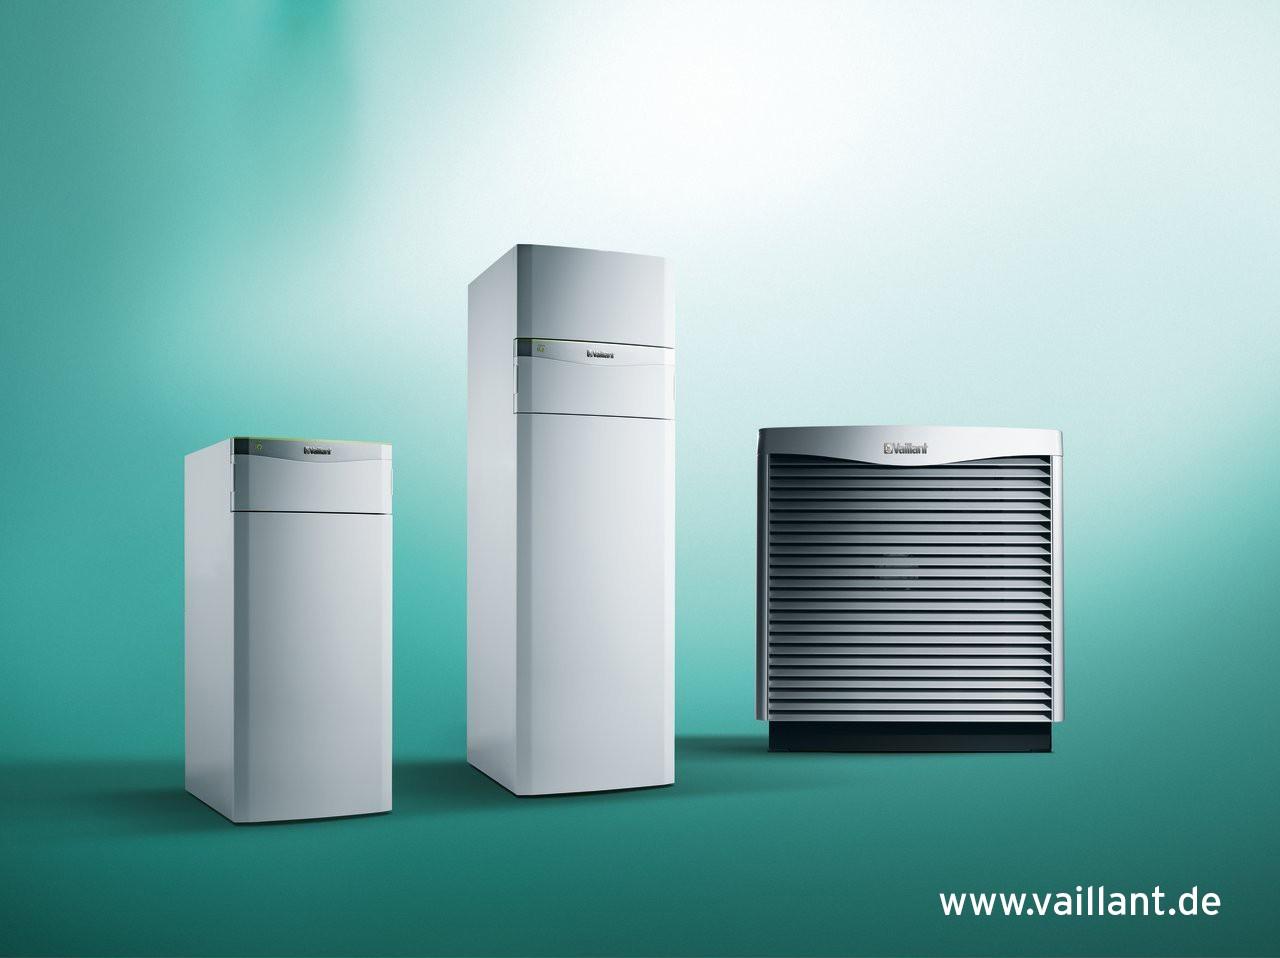 Vaillant VAILLANT Set 4.48 flexoCOMPACT VWF 118 /4 mit aroCOLLECT Luft/Wasser